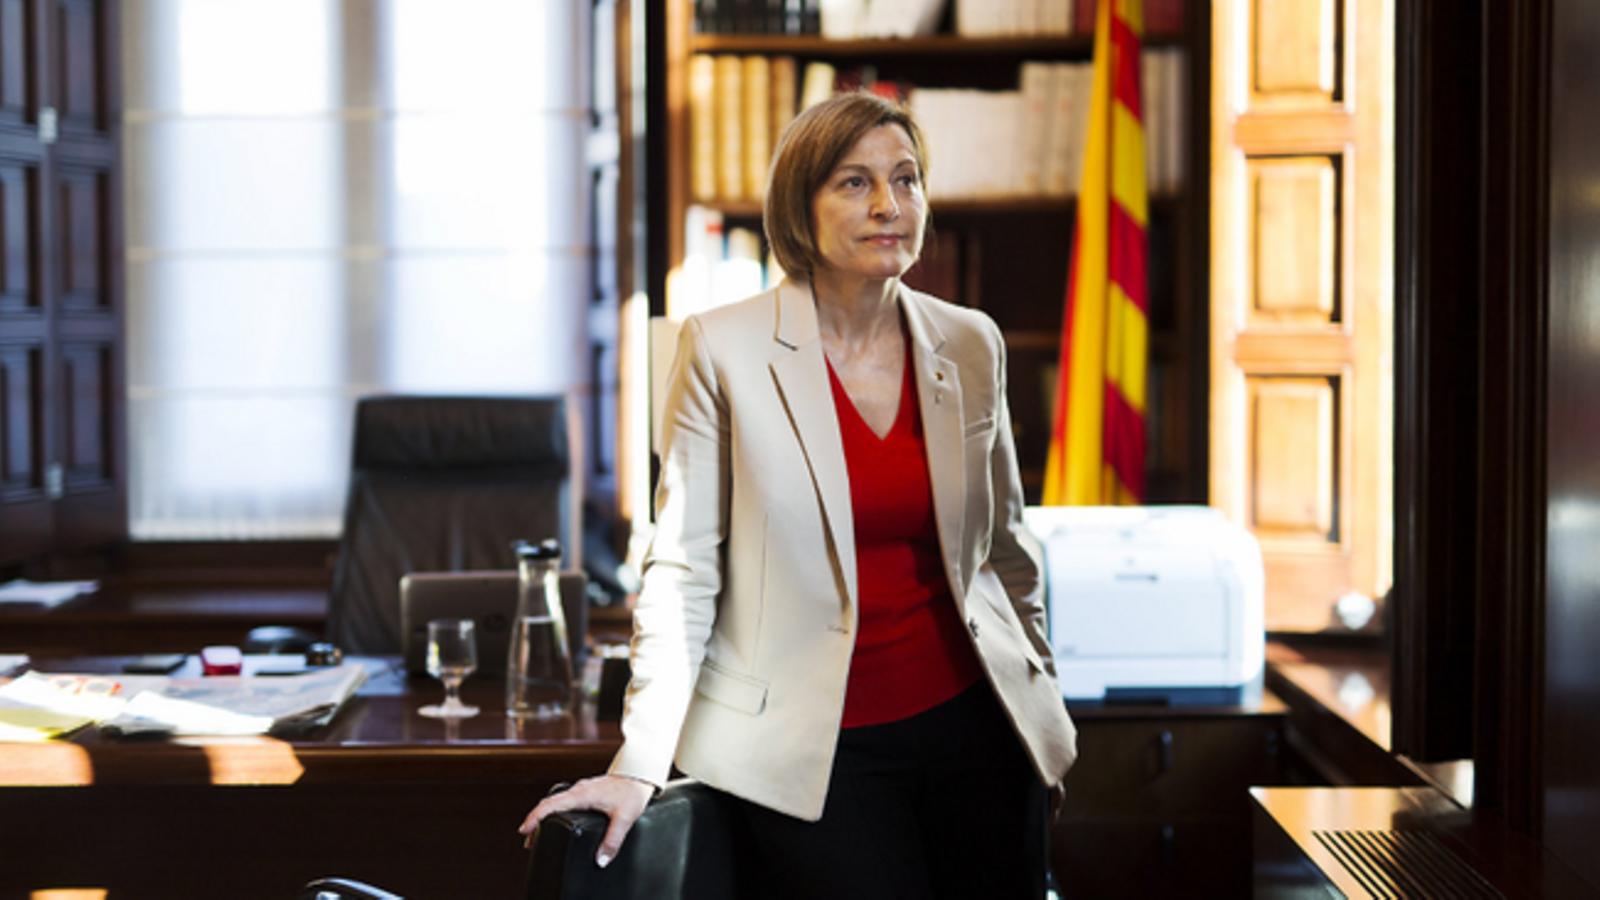 L'expresidenta del Parlament Carme Forcadell, al seu despatx a la cambra catalana en una imatge d'arxiu